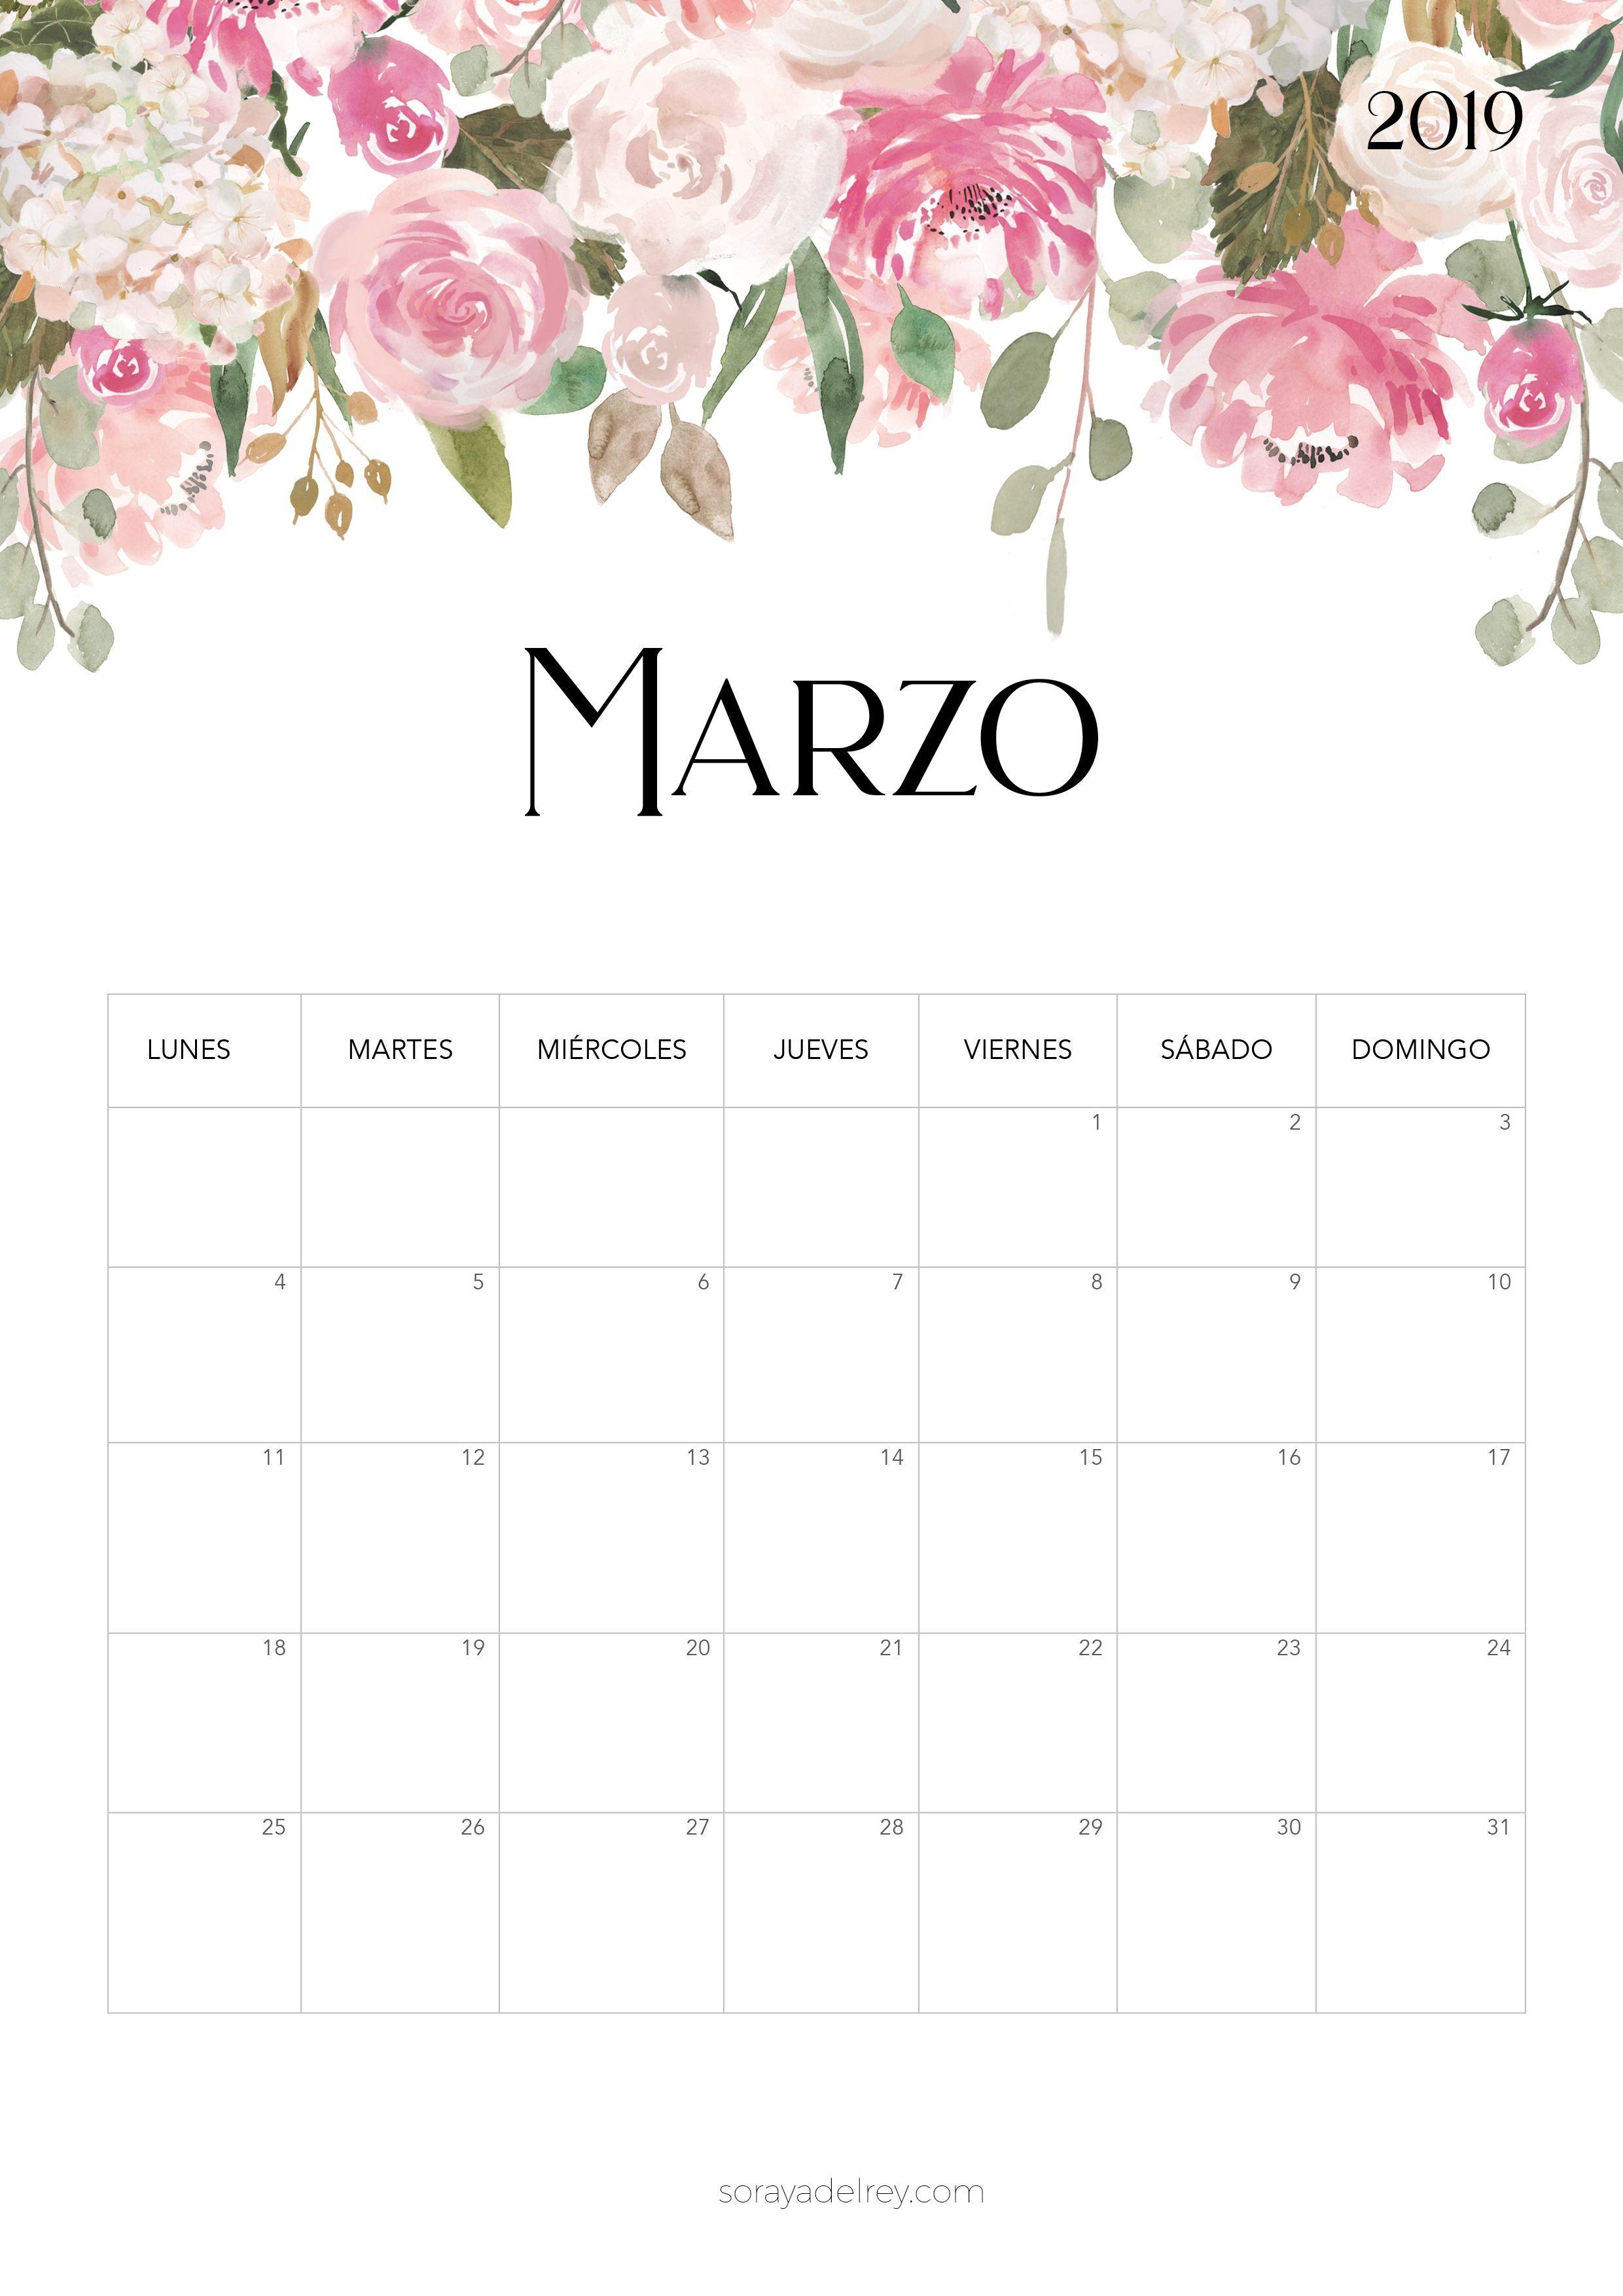 Hacer Calendario 2019 Más Reciente Mejores 35 Imágenes De Carta Logo En Pinterest Of Hacer Calendario 2019 Más Reciente A Las Macros En Excel Nos Encontramos Ante El M³dulo 11 Macros